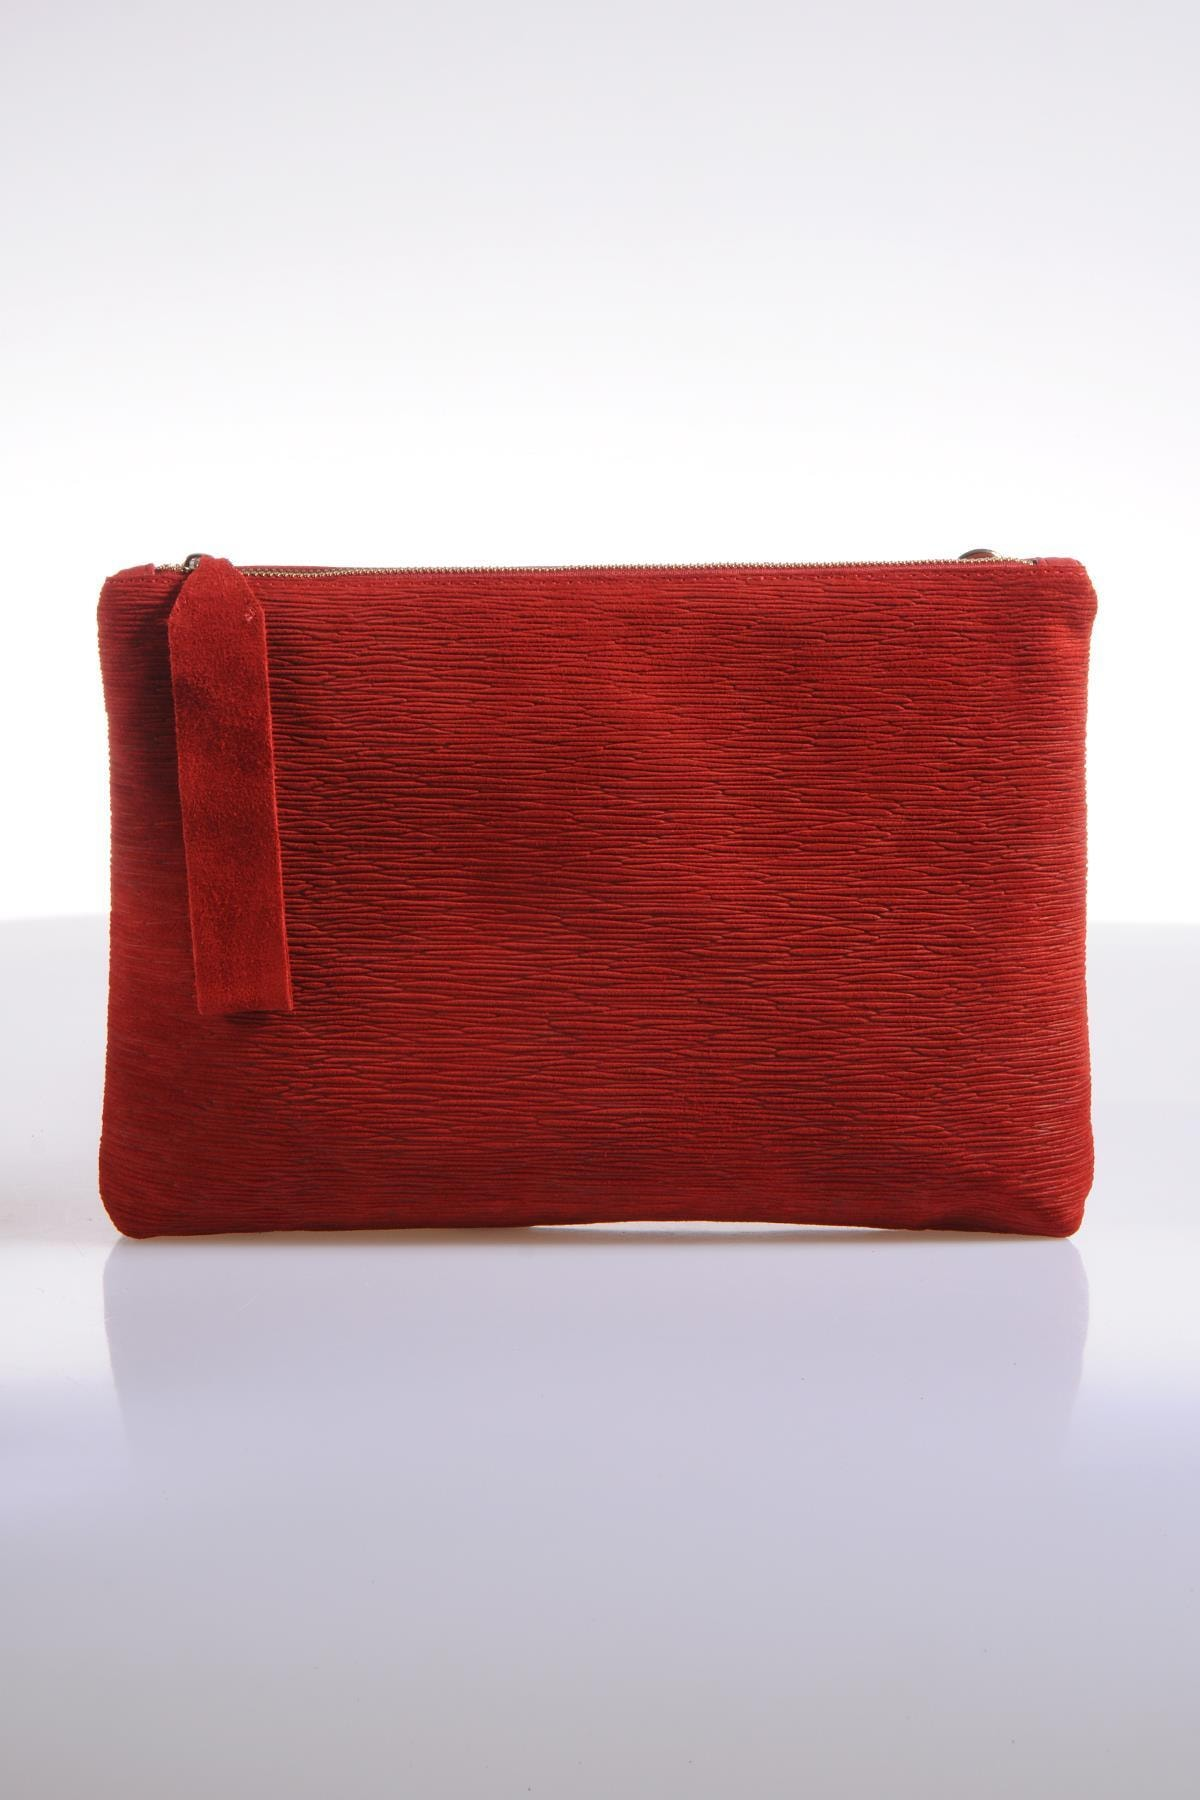 Sergio Giorgianni Kadın Kırmızı Omuz Çantası sgzd084-3-kırmızı